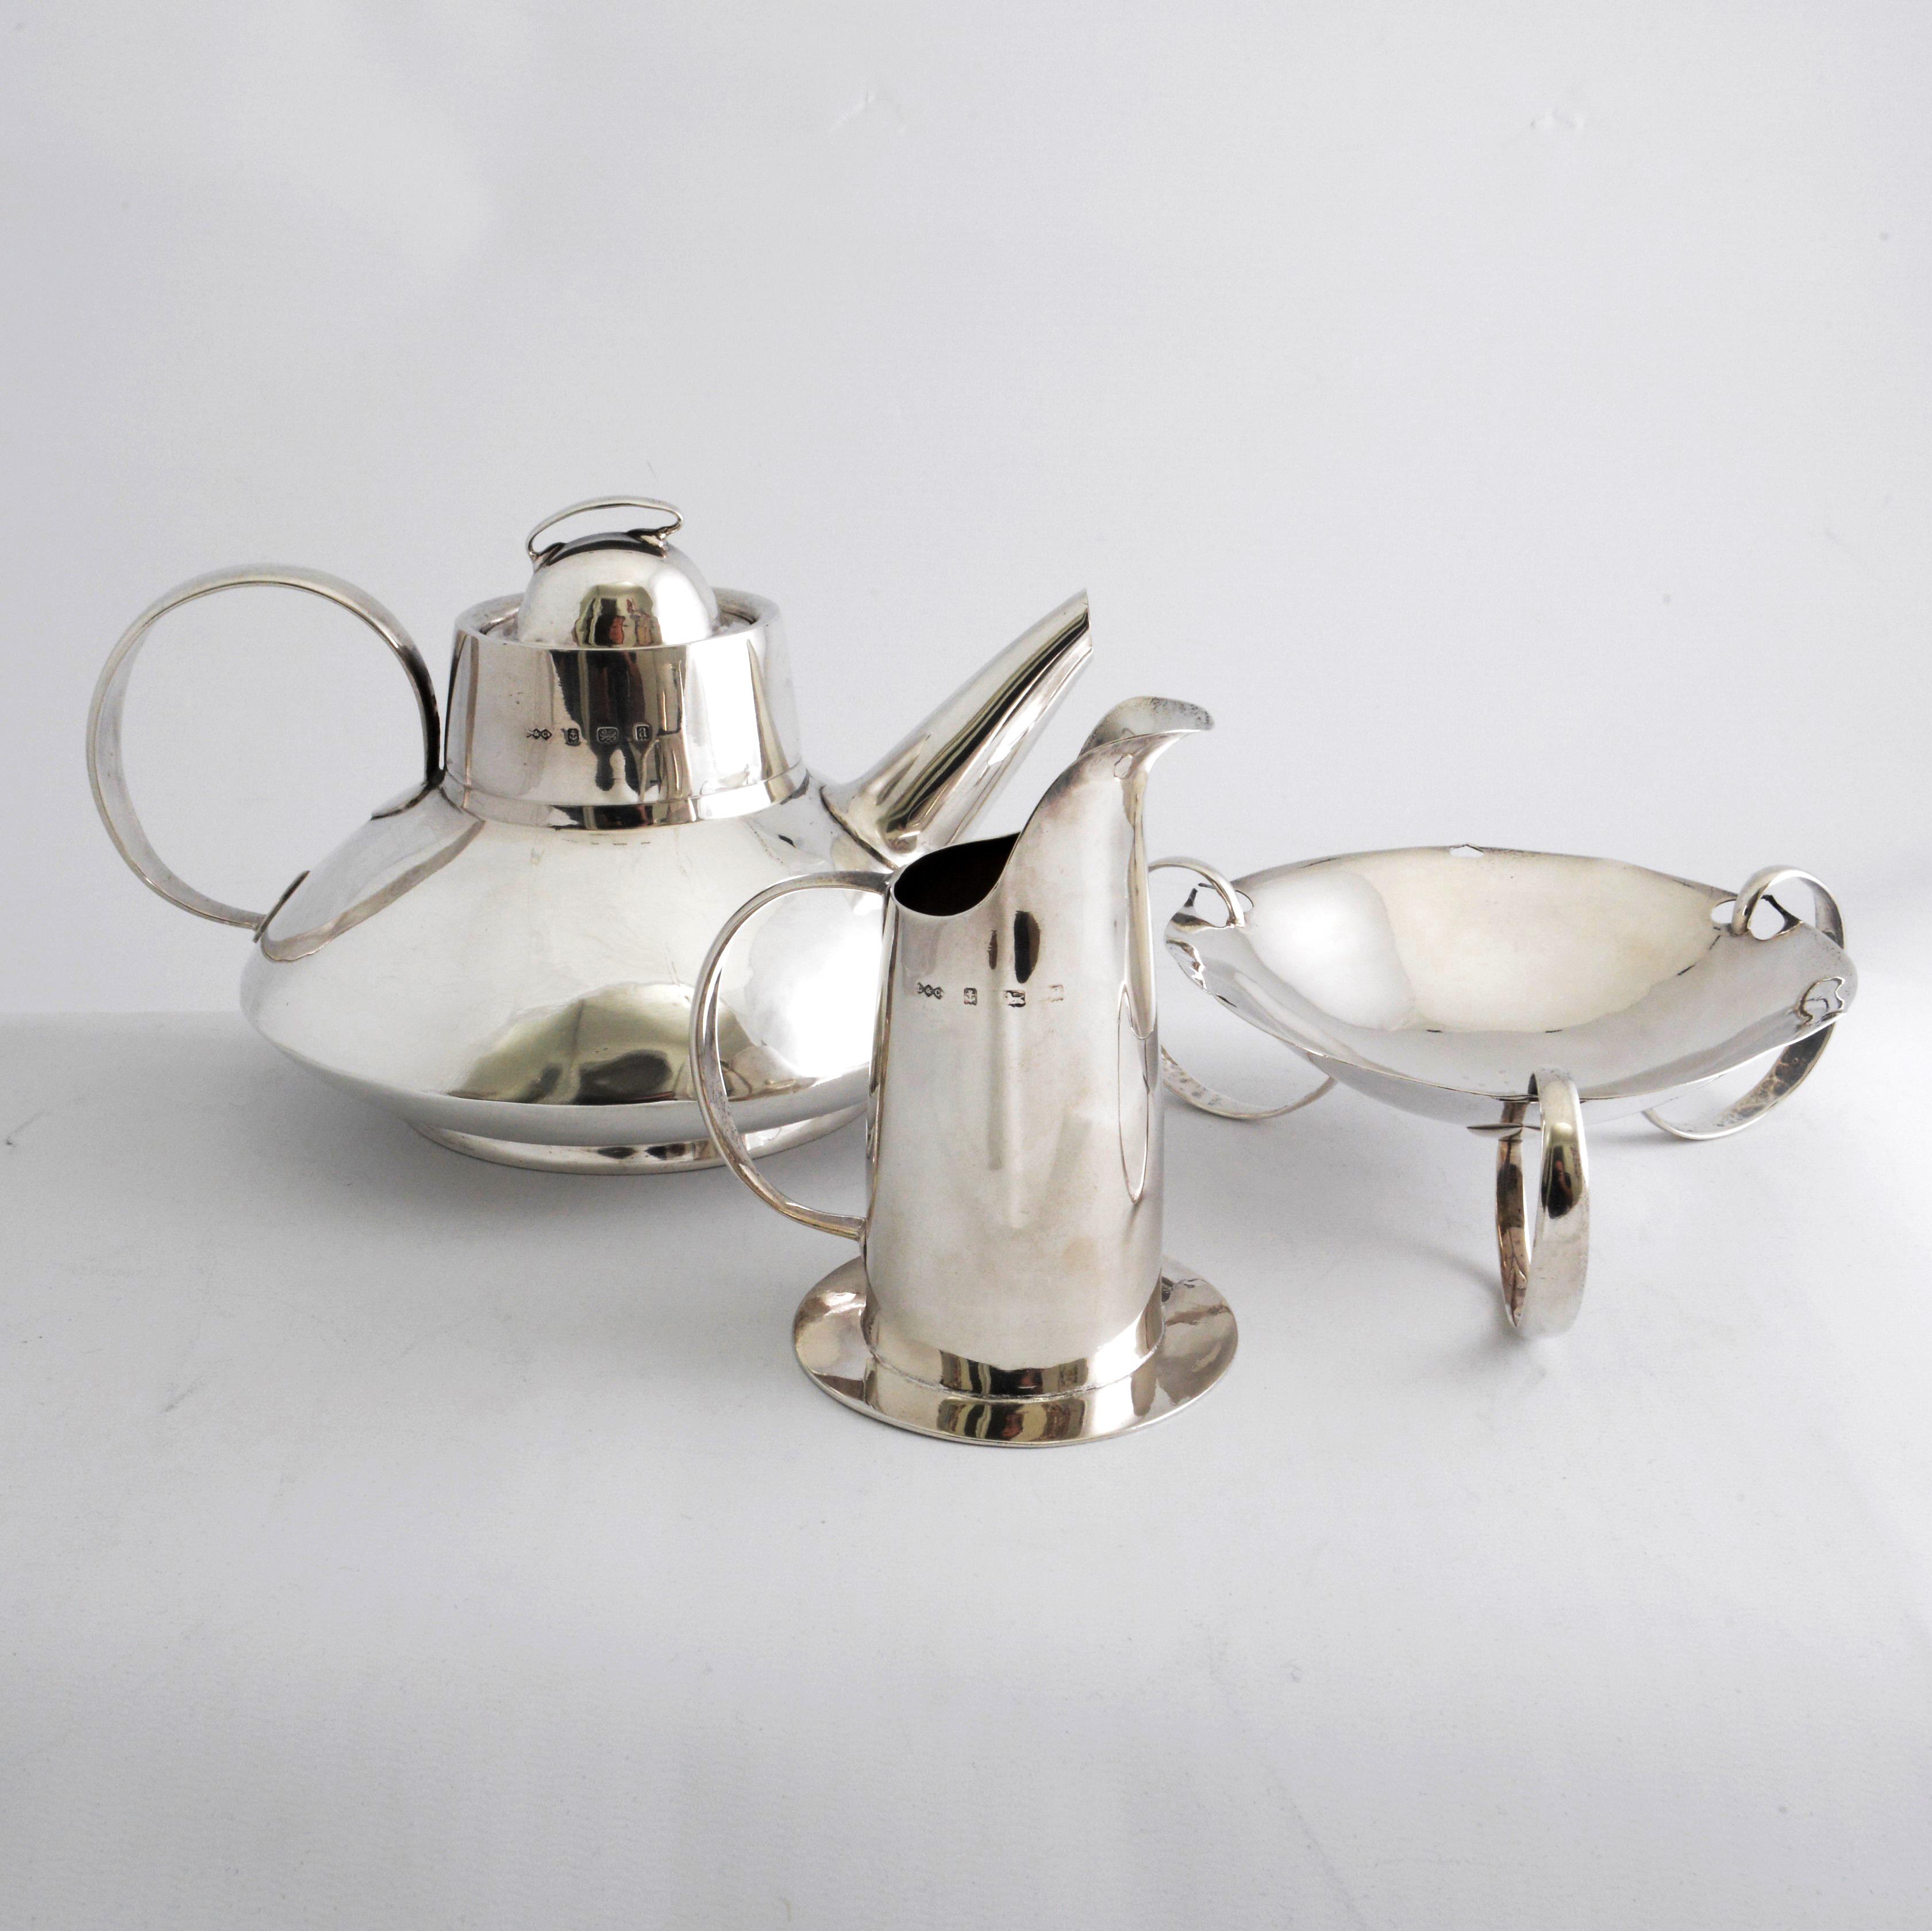 Liberty Cymric silver